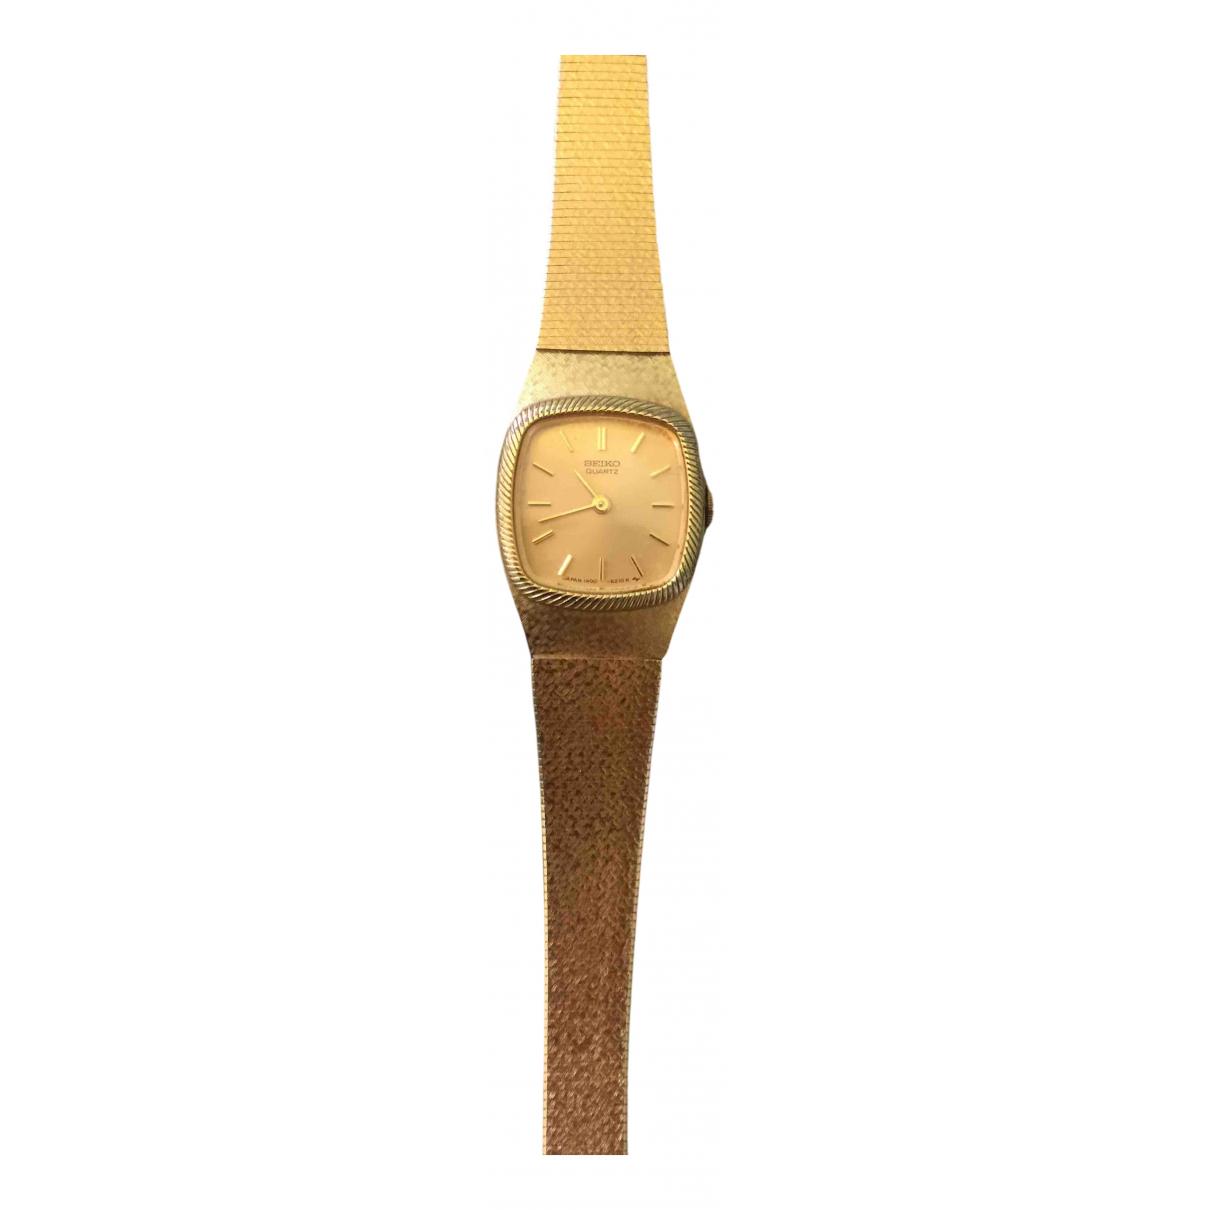 Seiko - Montre   pour femme en plaque or - dore